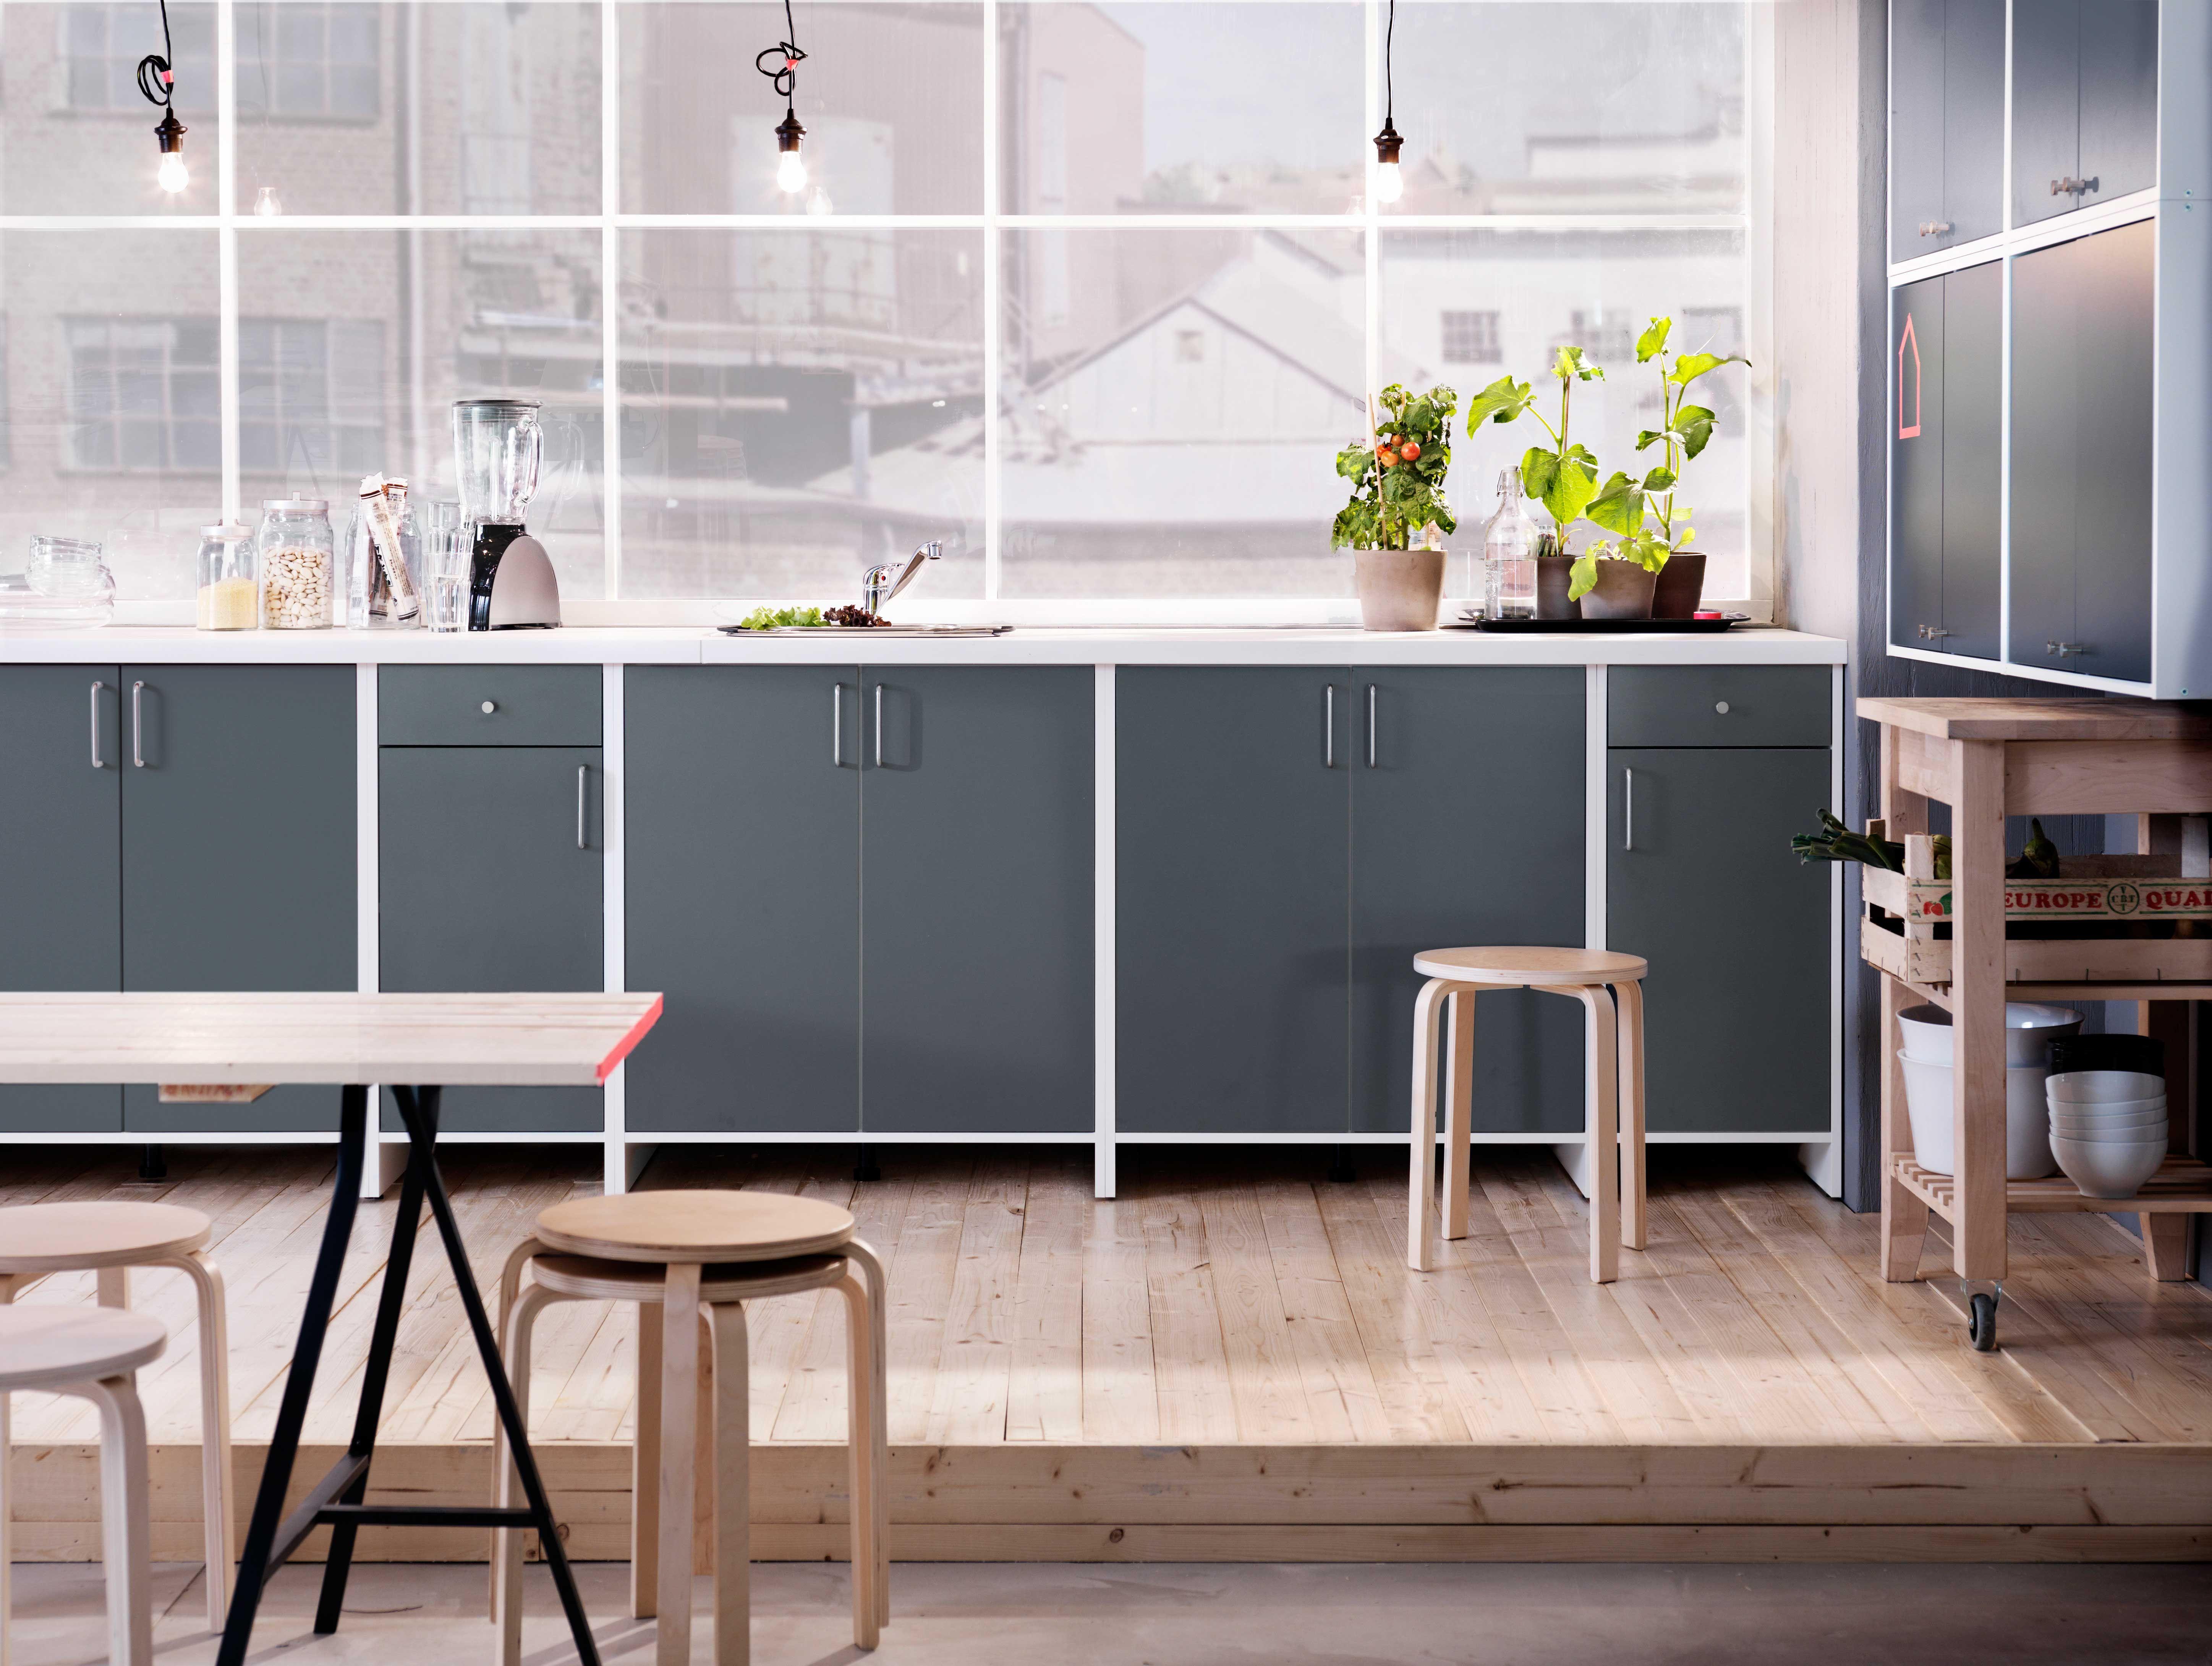 Kuche Online Kaufen Ganz In Deinem Stil Zuhause Ikea Kuchenideen Arbeitsplatte Kuche Ikea